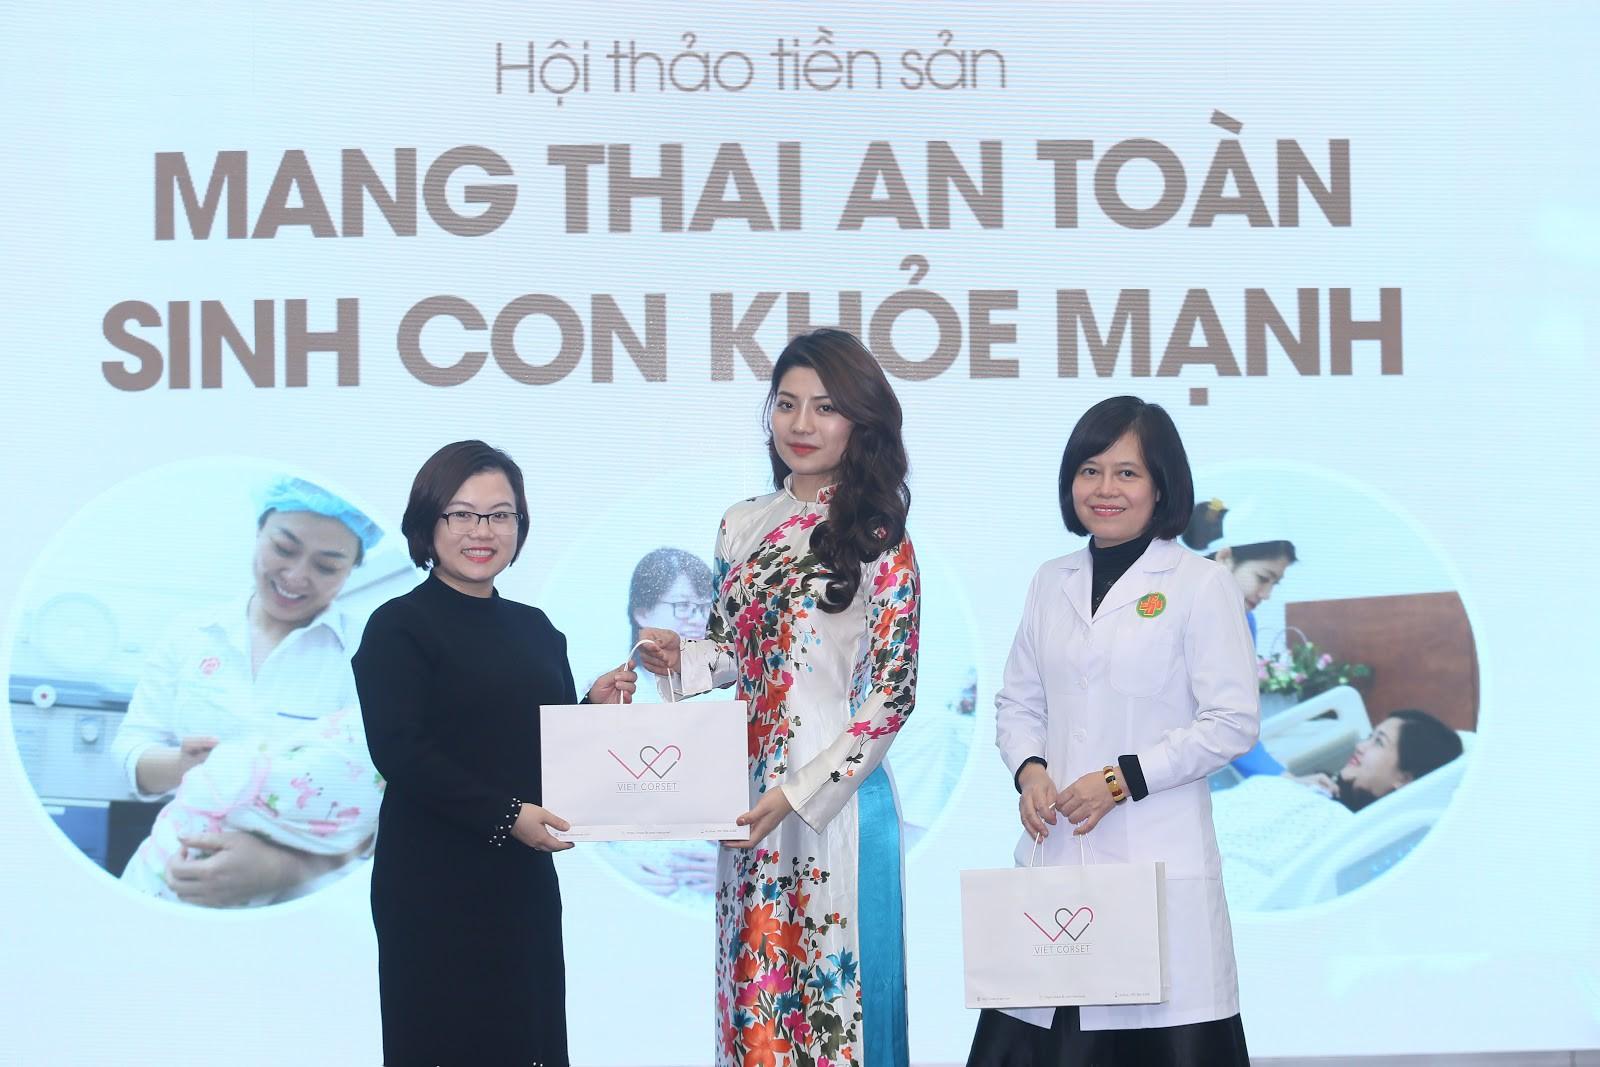 Latex giảm eo made in Việt Nam được giới thiệu hoành tráng tại hội nghị Bệnh viện TƯQĐ 108 - Ảnh 4.